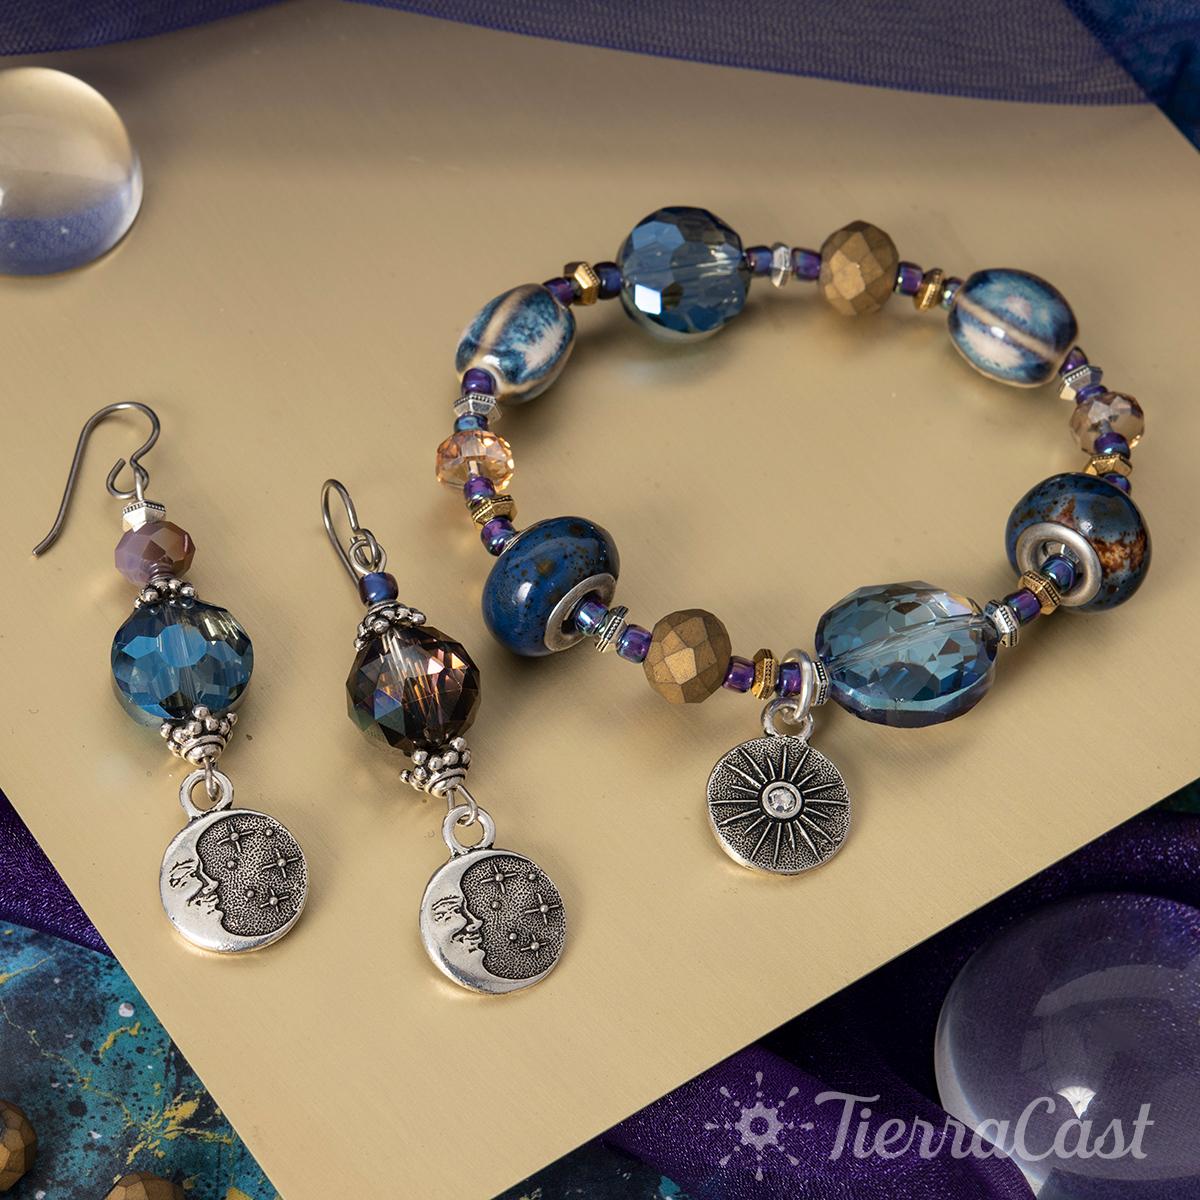 celestial-bracelet-and-earrings-1200px-w.logo.jpg